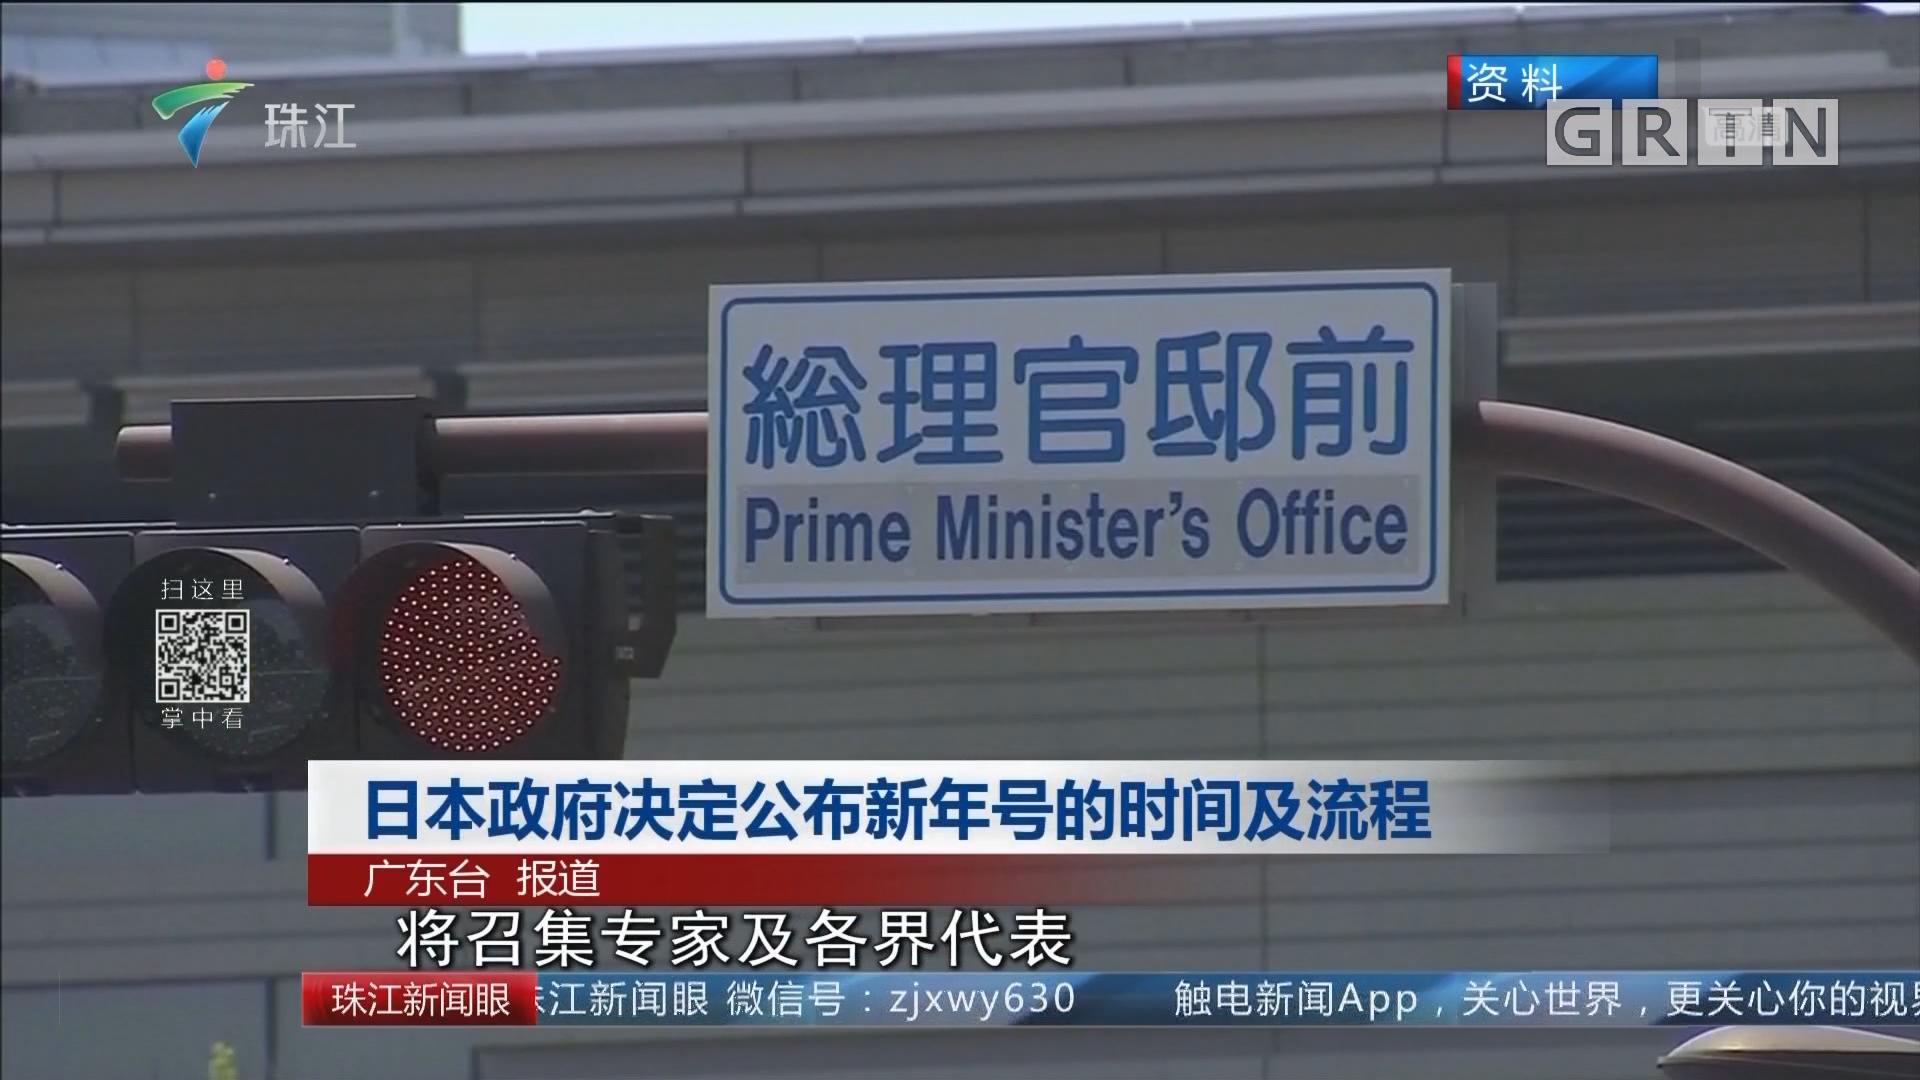 日本政府决定公布新年号的时间及流程